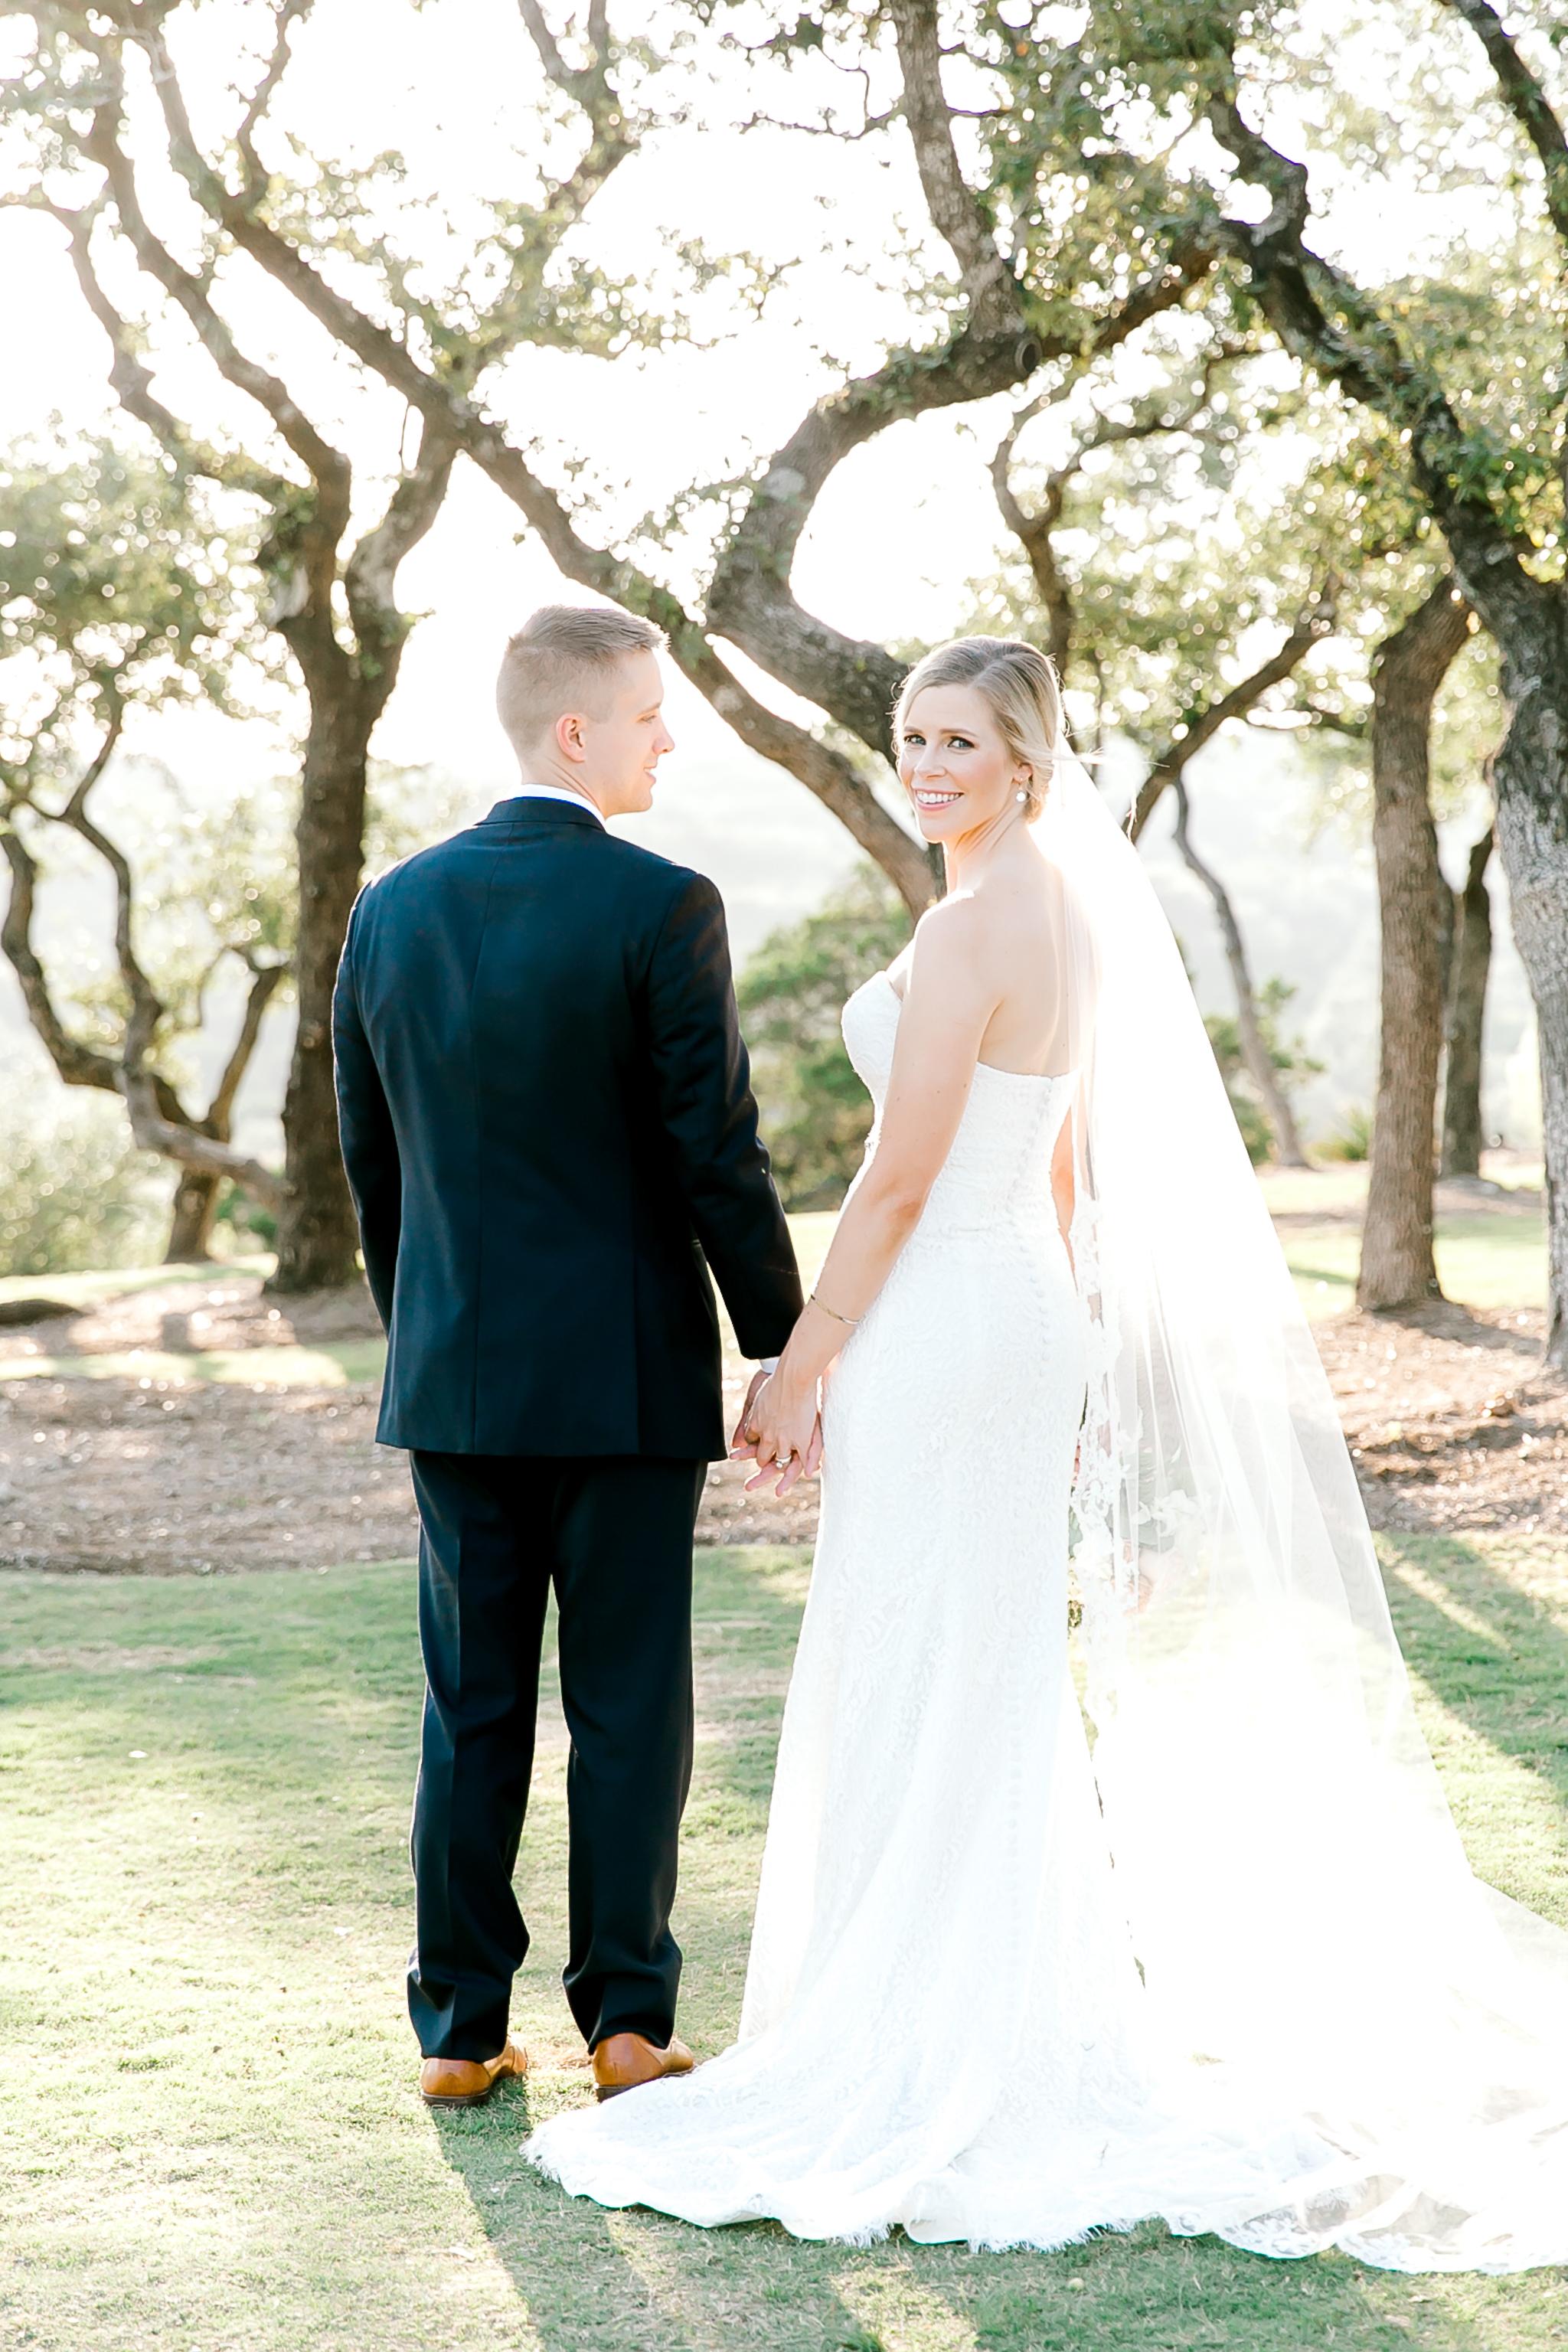 canyonwoodridge_wedding_36.jpg